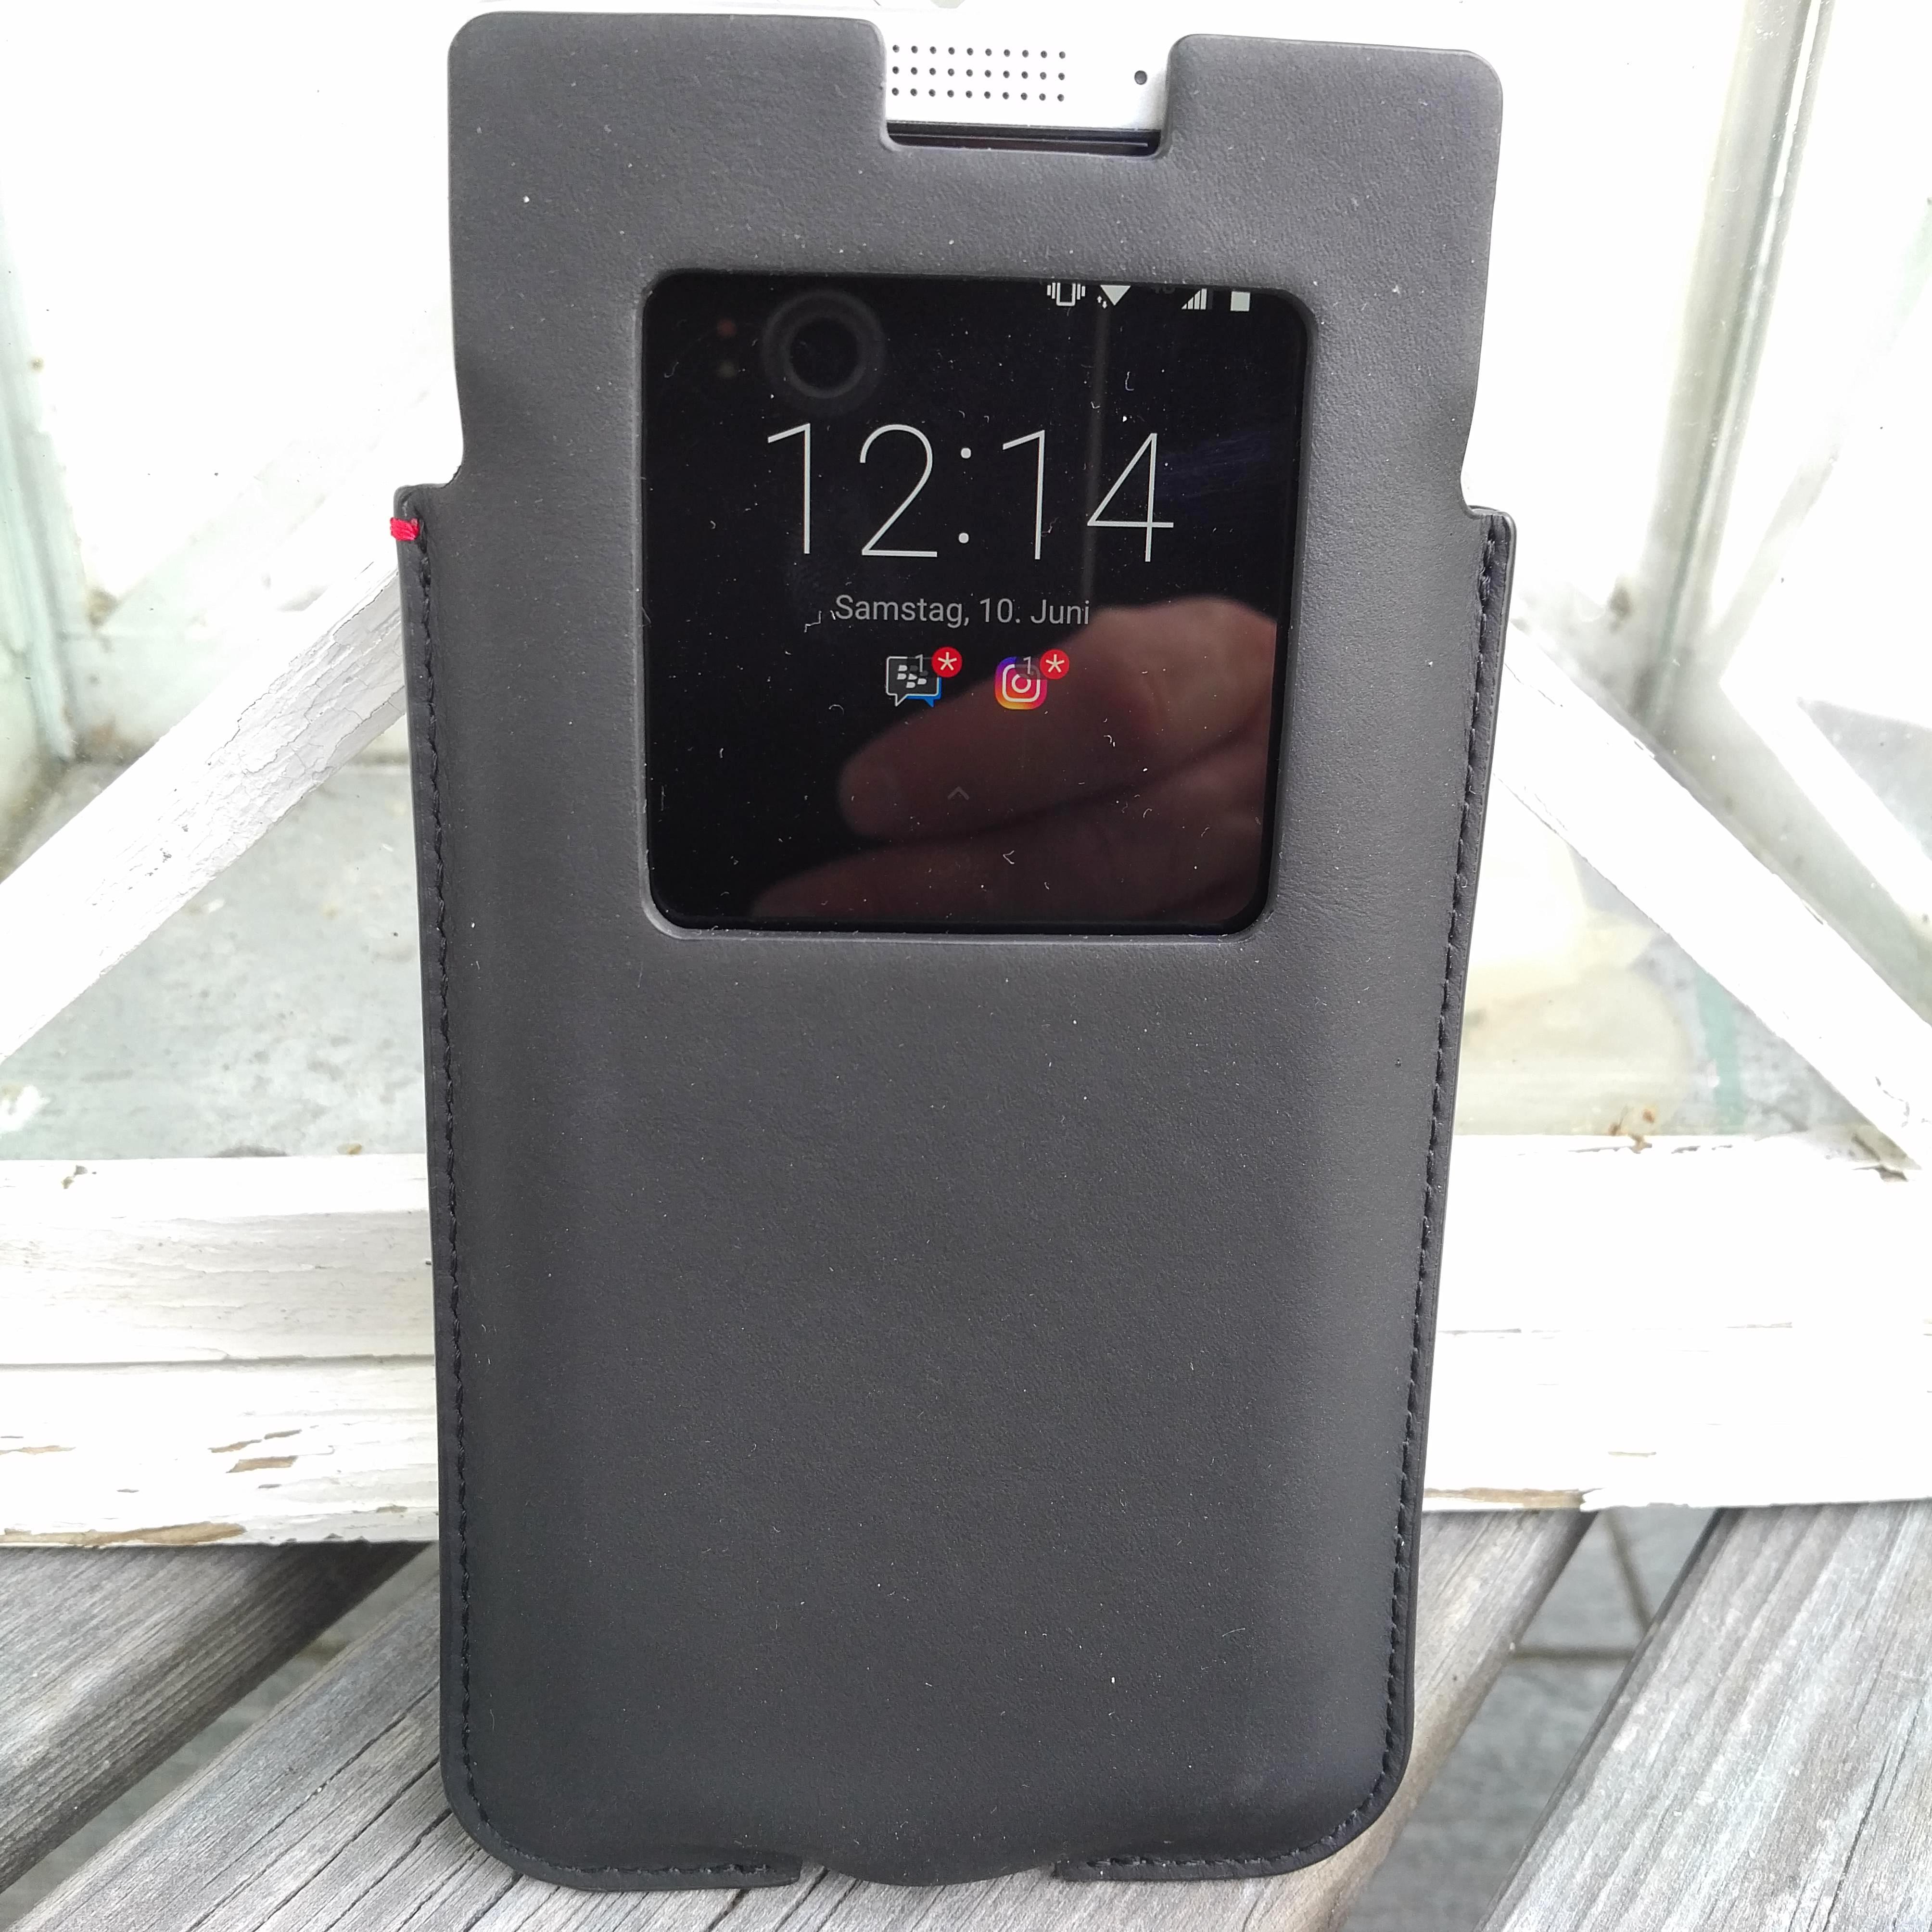 Vorstellung Blackberry Keyone Pocket Sleeve Bbugks Mitte Mai Haben Wir Euch Auf Das Erste Zubehr In Form Von Schutzhllen Fr Aufmerksam Gemacht